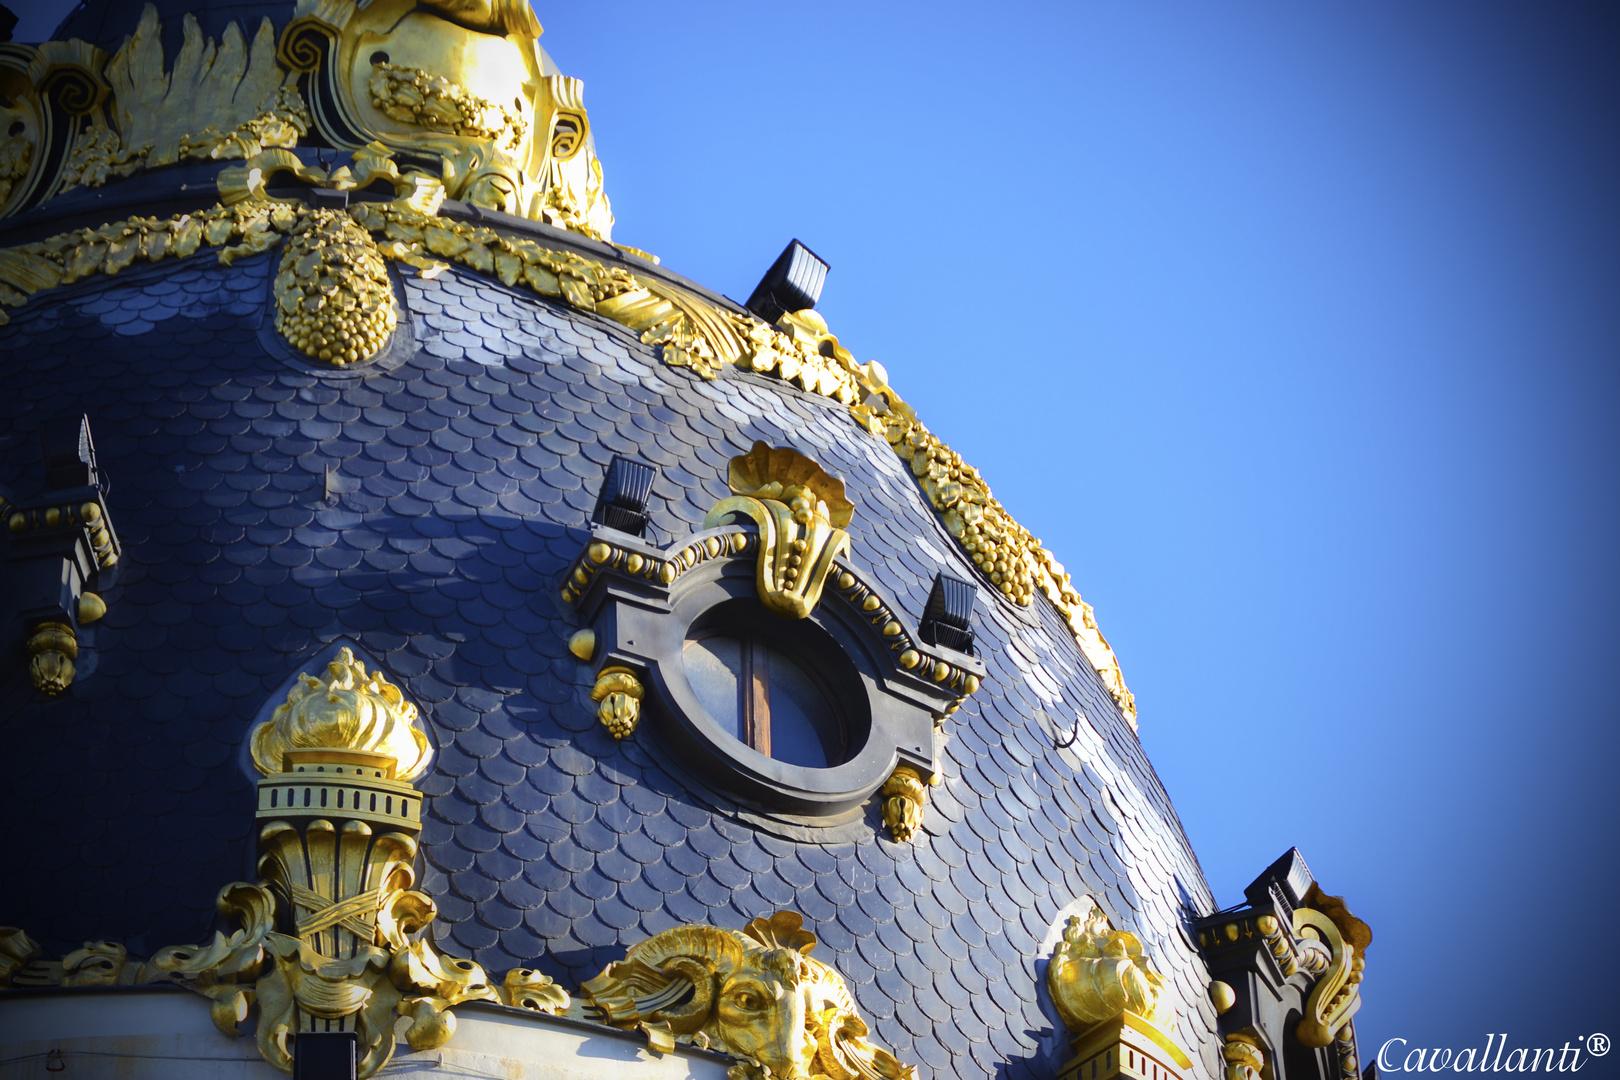 Cupula del Edificio Metropolis